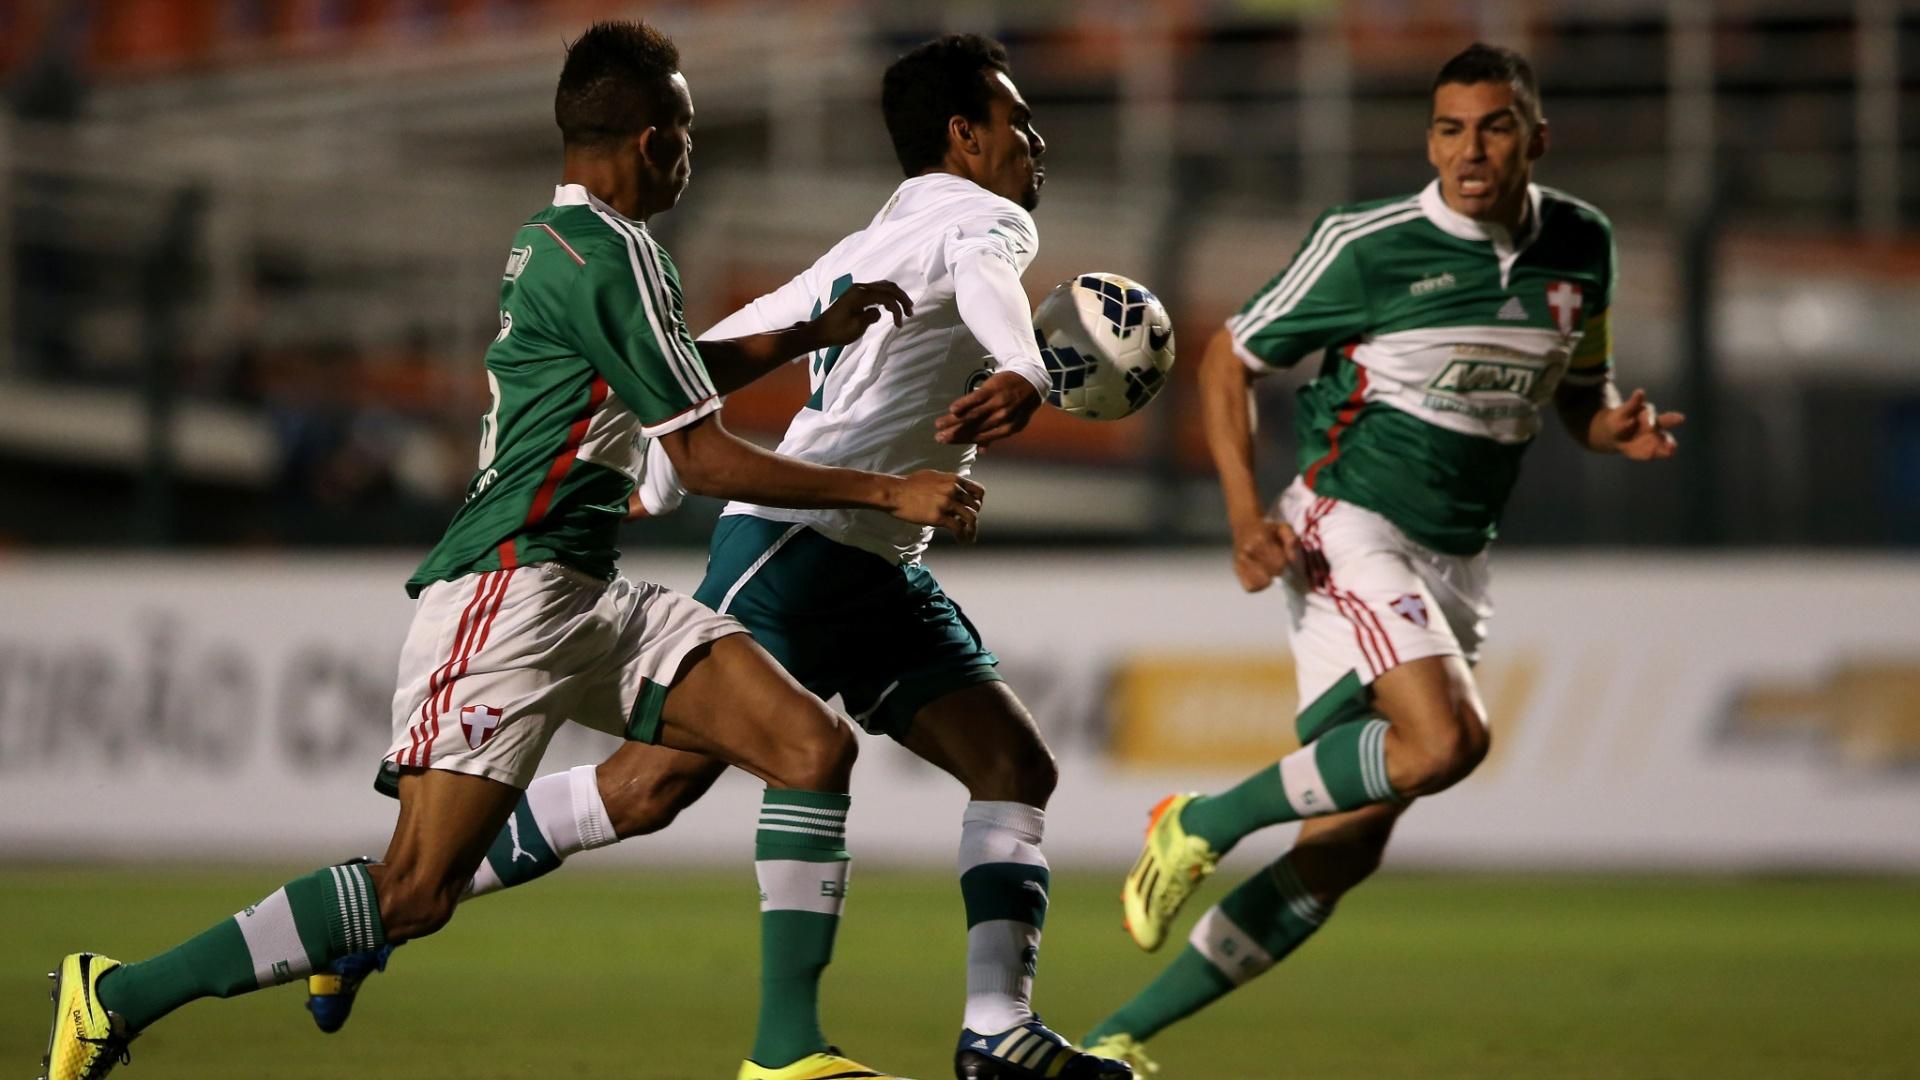 10.05.14 - Araújo tenta superar Matheus e Lúcio na partida entre Palmeiras e Goiás